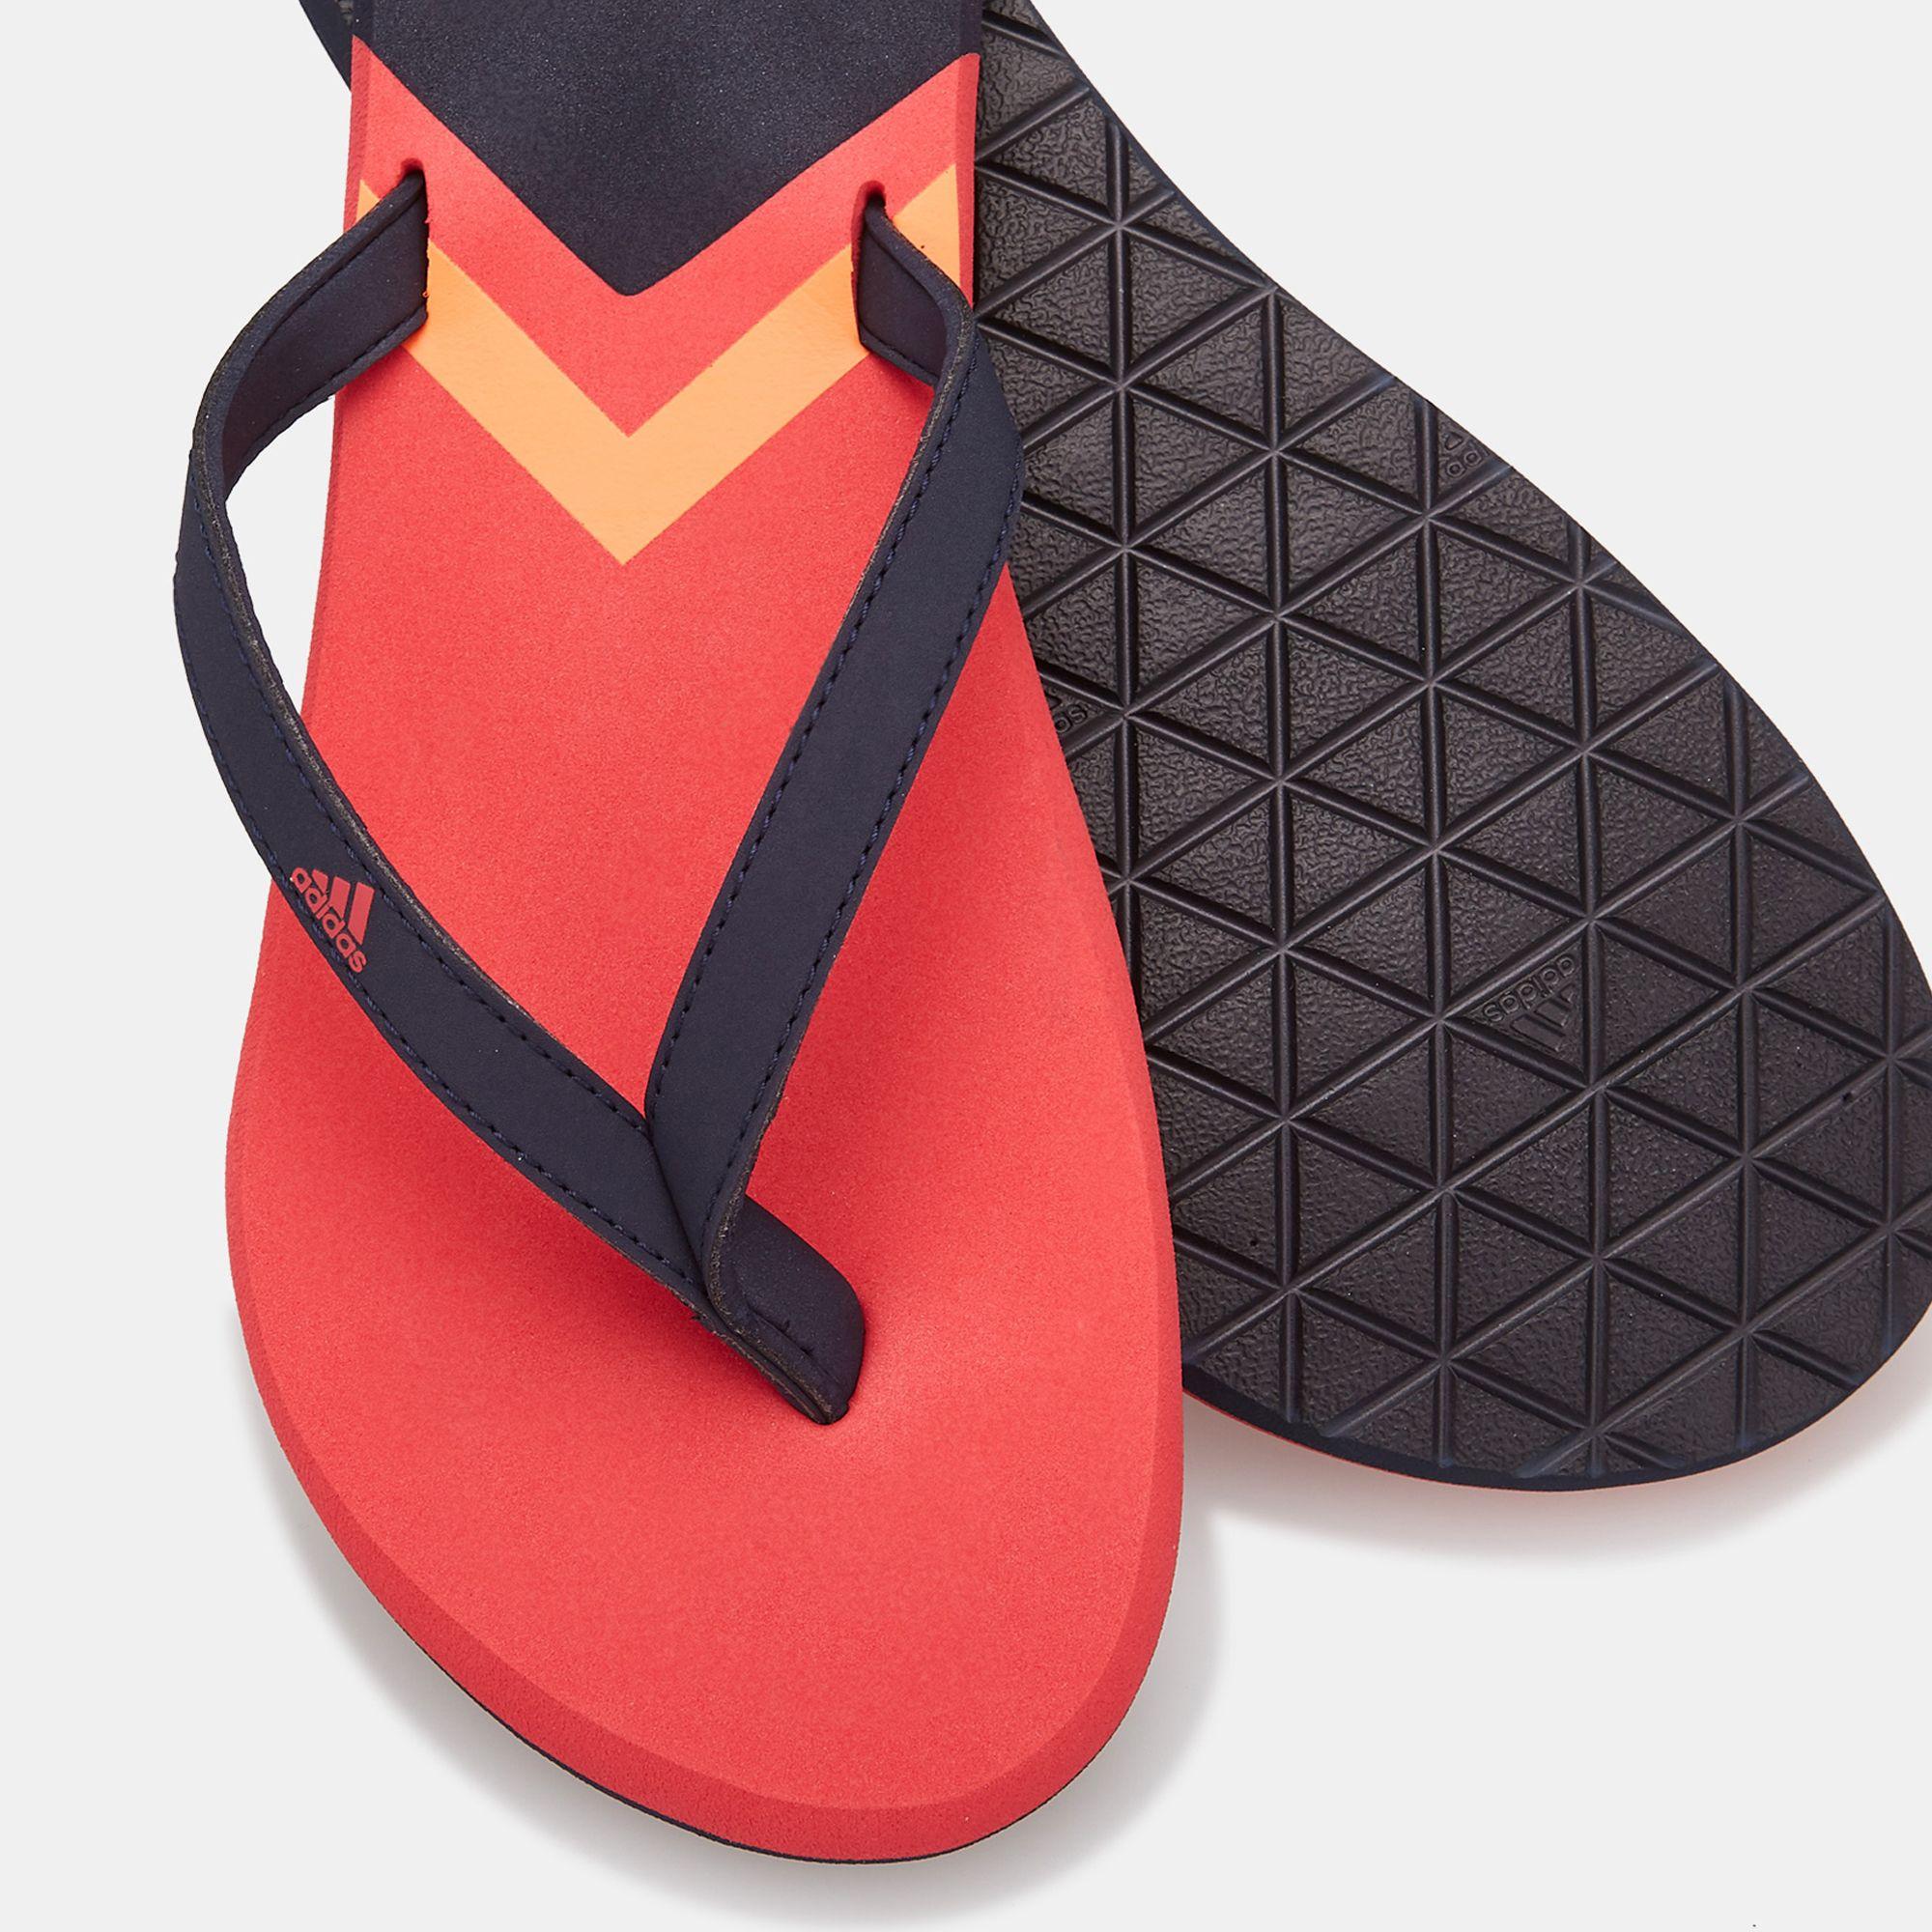 e78569f8186e Adidas womens eezay flip flop flip flops sandals flip flops shoes womens  sss jpg 2000x2000 Adidas